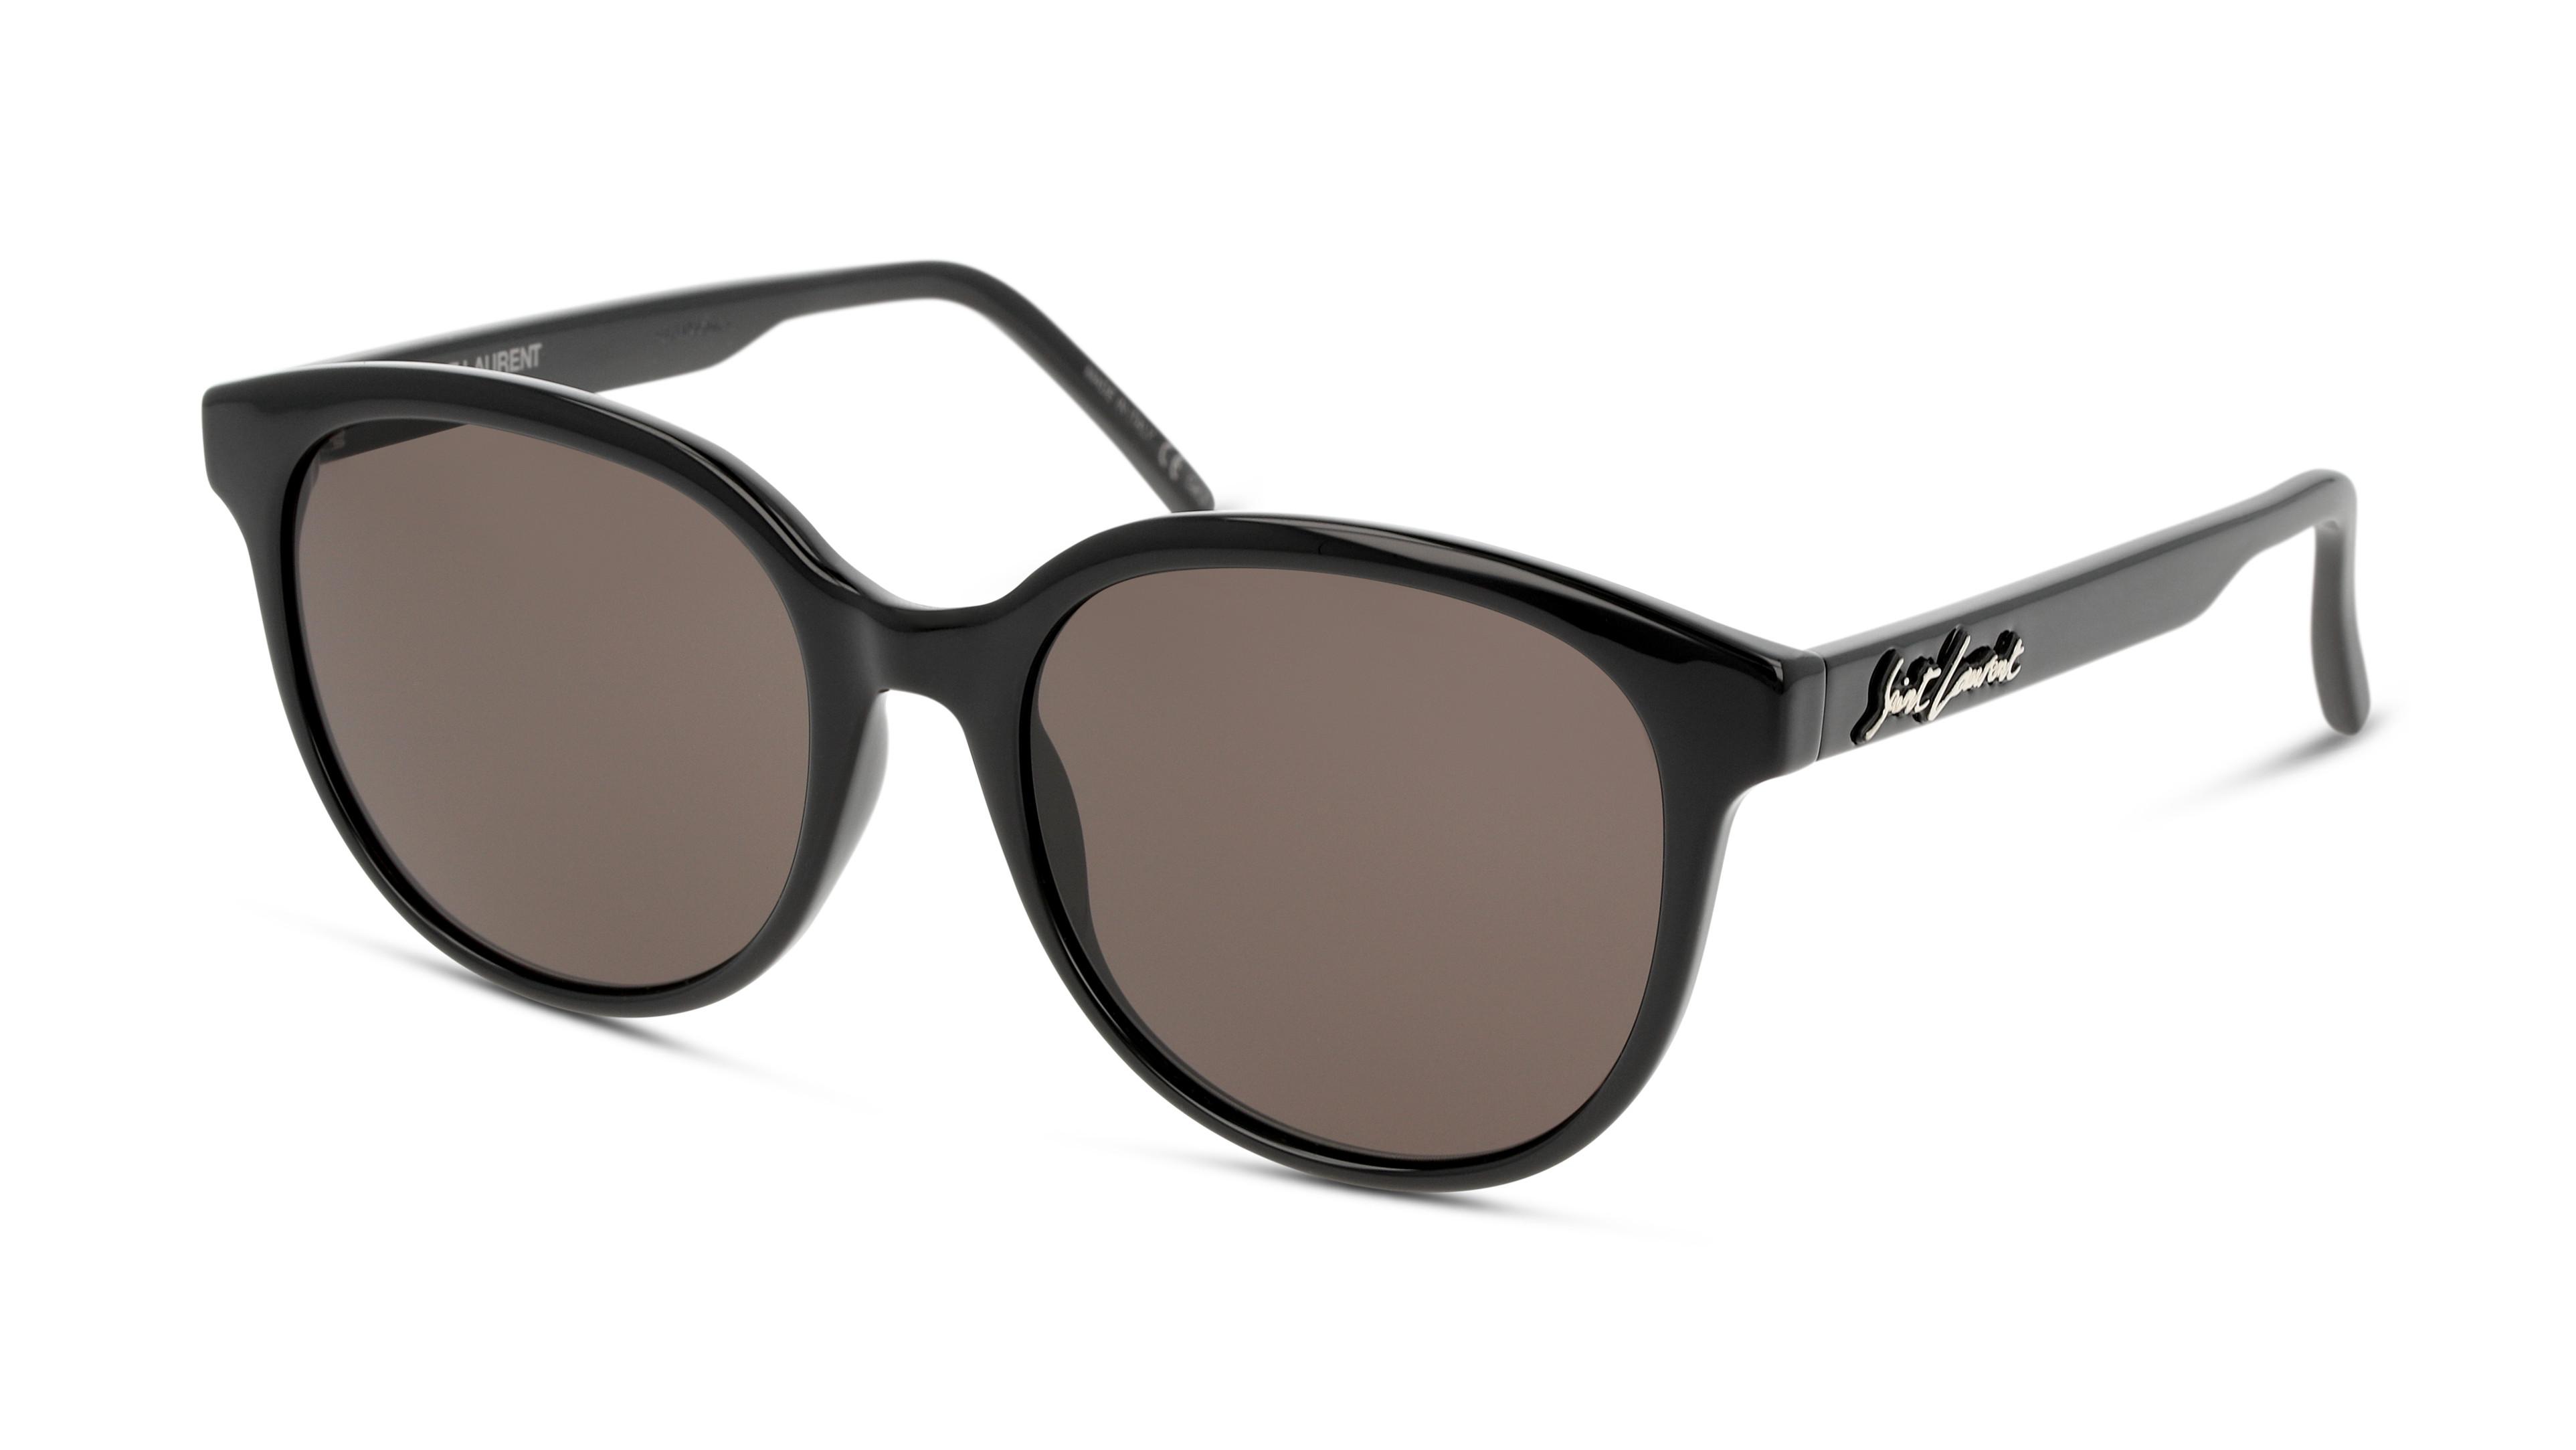 8056376290738-angle-03-saint-laurent-sl_317-eyewear-black-black-black